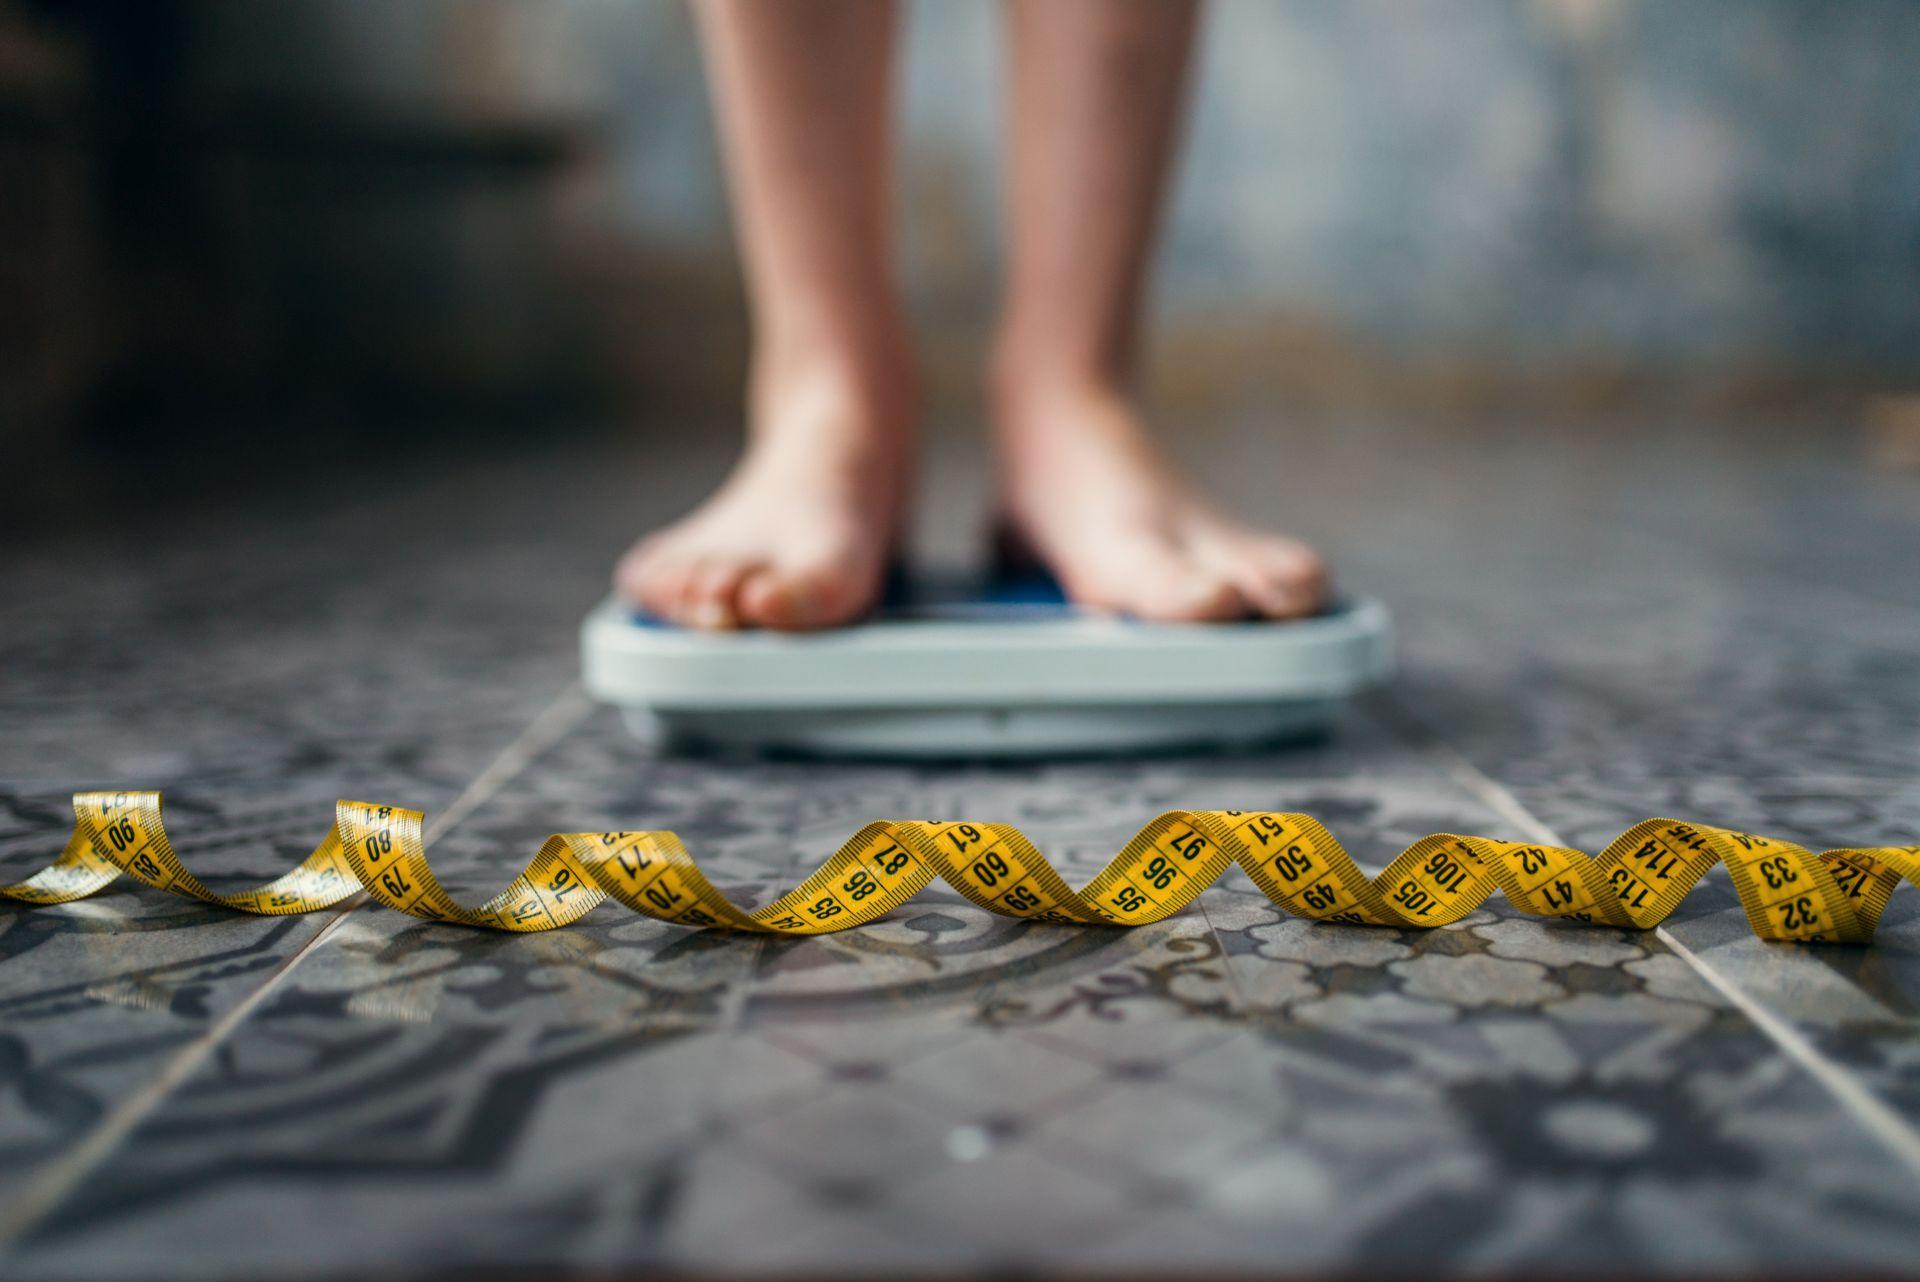 Czy podwyższony cholesterol dotyczy tylko osób z nadwagą? Poznaj mity i fakty o cholesterolu - normy wiekowe, kiedy wykonywać badanie, co wpływa na podwyższenie jego poziomu oraz czy dotyczy tylko osób stosujących złą dietę?